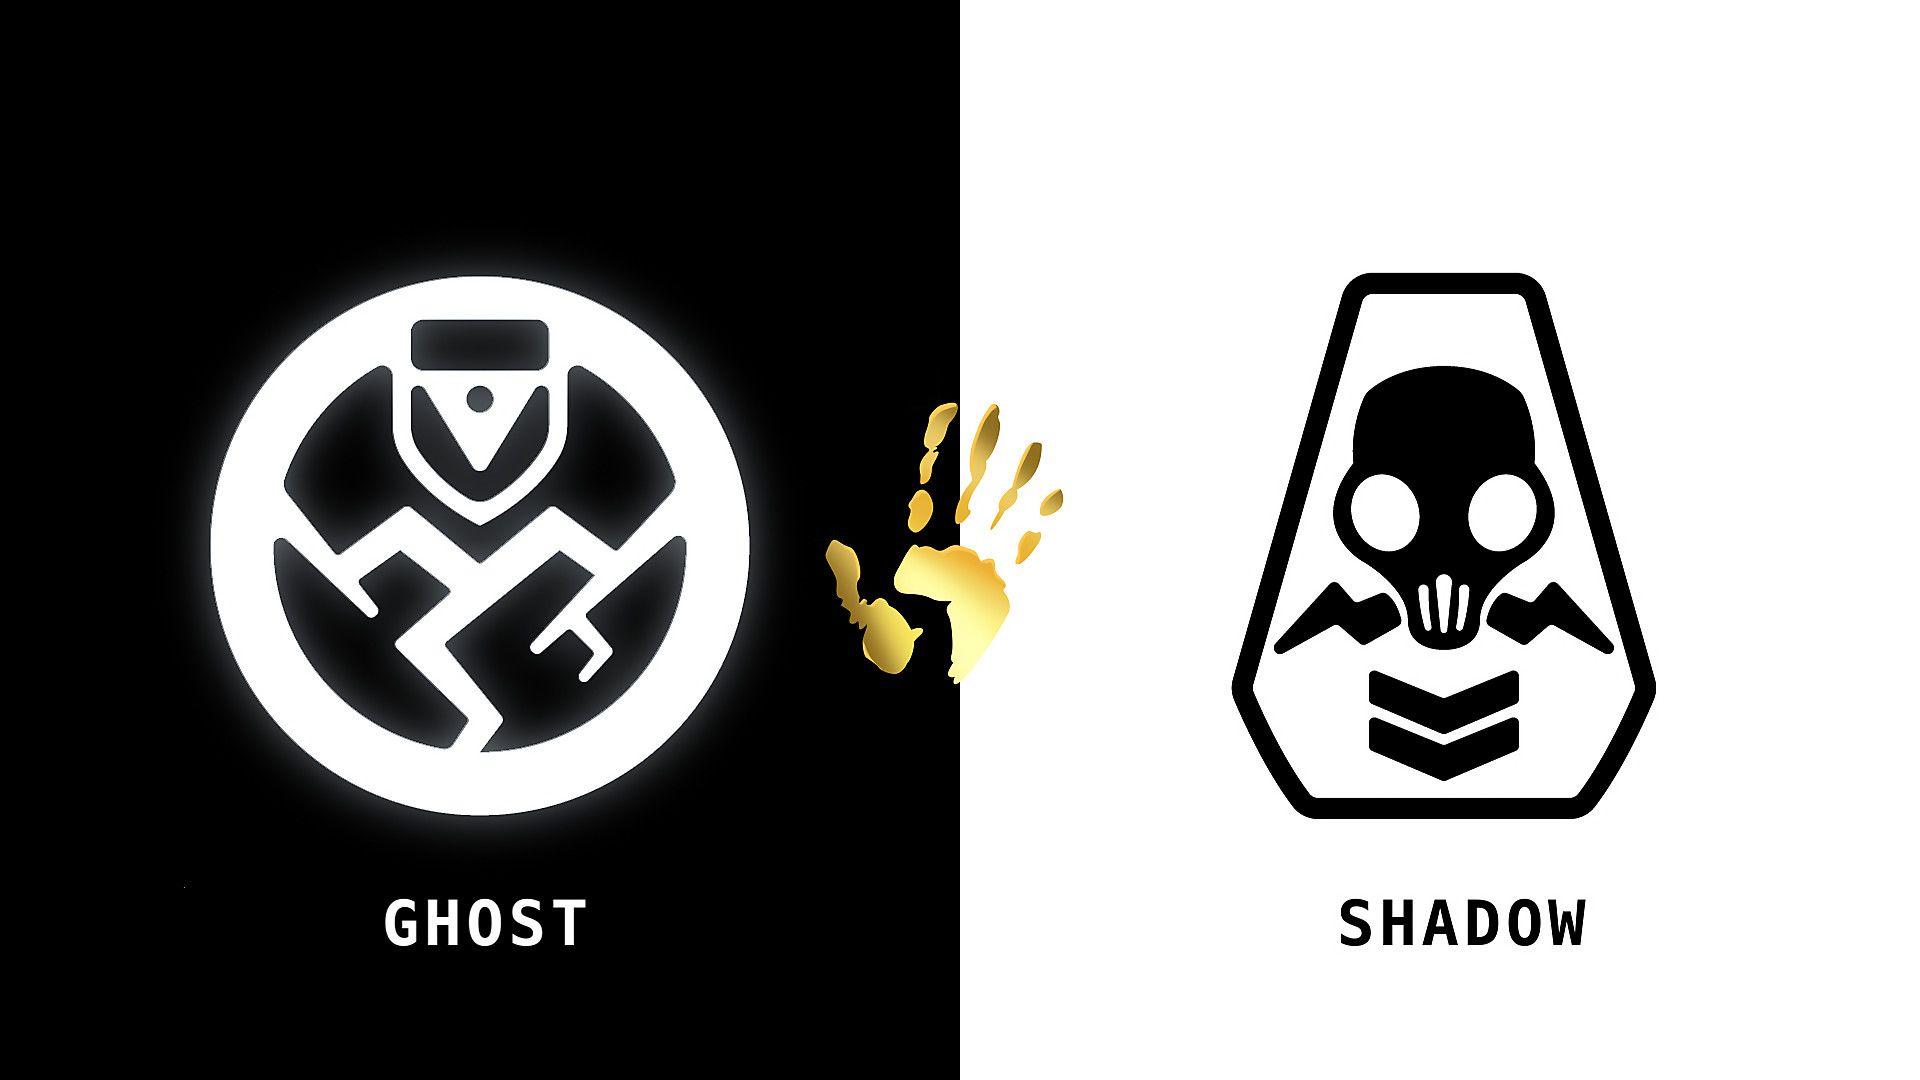 Fortnite Character Logos Wallpapers Wallpaper Cave